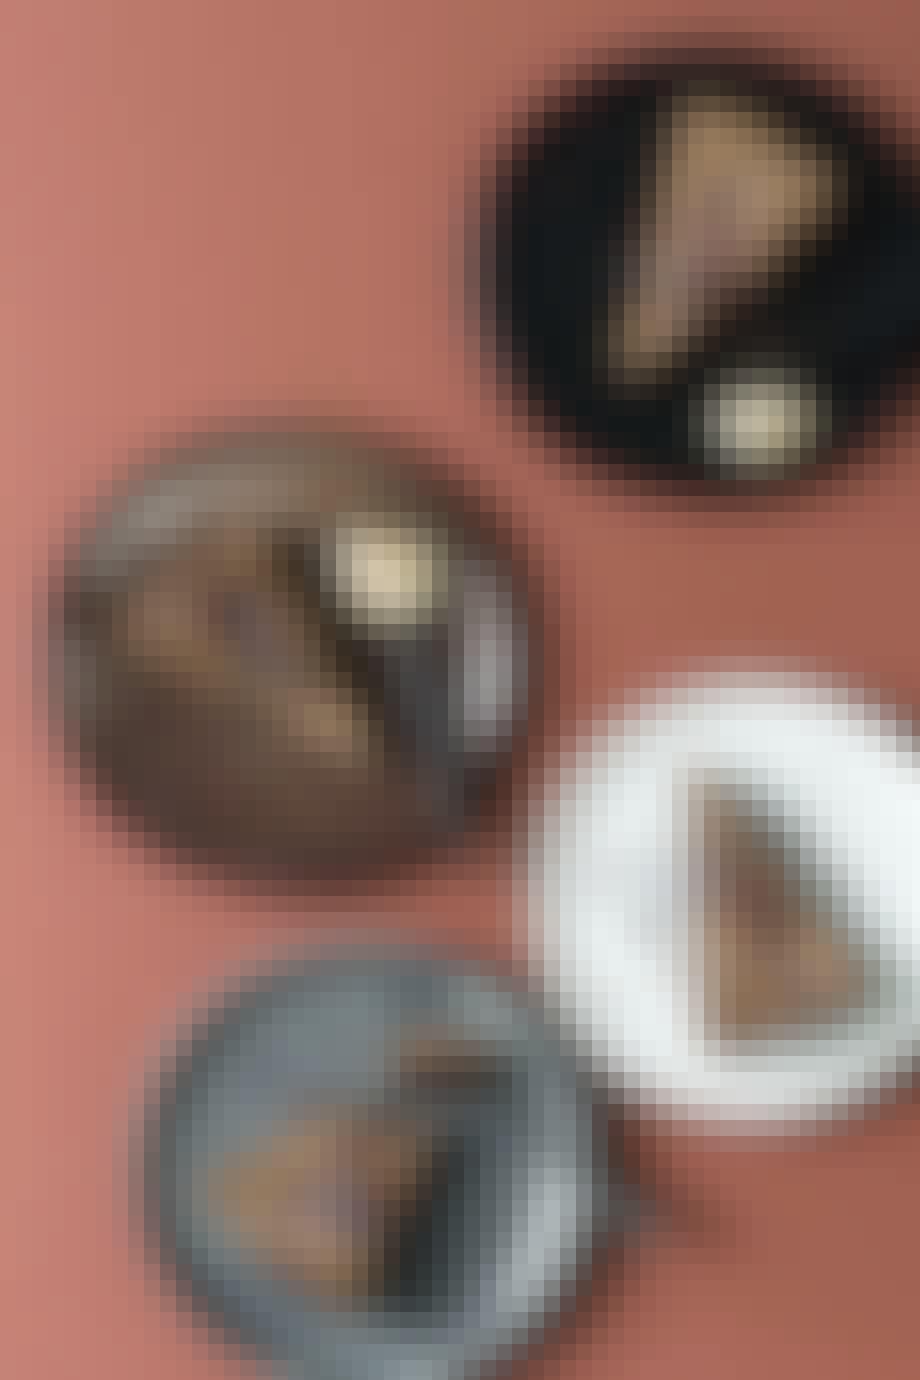 Ultra-nem chokoladekage med et strejf af chili